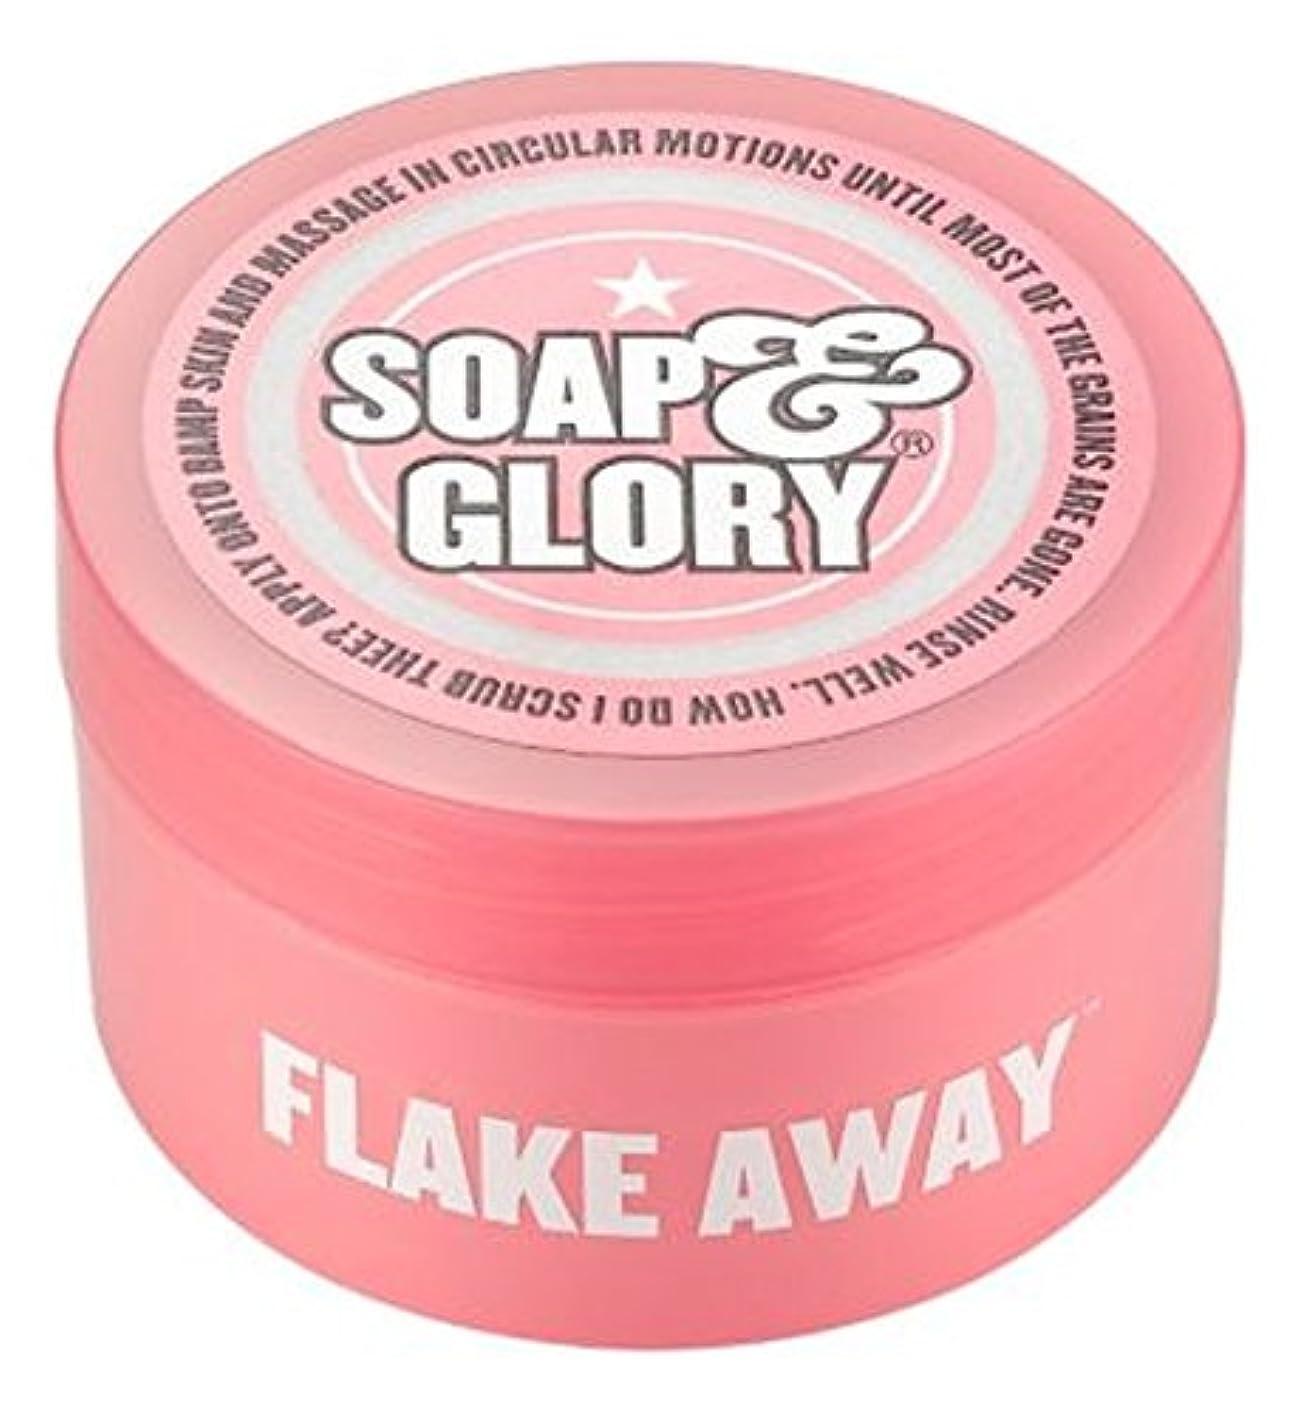 コロニー現金でSoap & Glory Travel Size Flake Away? Body Scrub 50ml - 石鹸&栄光トラベルサイズのフレーク離れ?ボディスクラブ50ミリリットル (Soap & Glory) [並行輸入品]